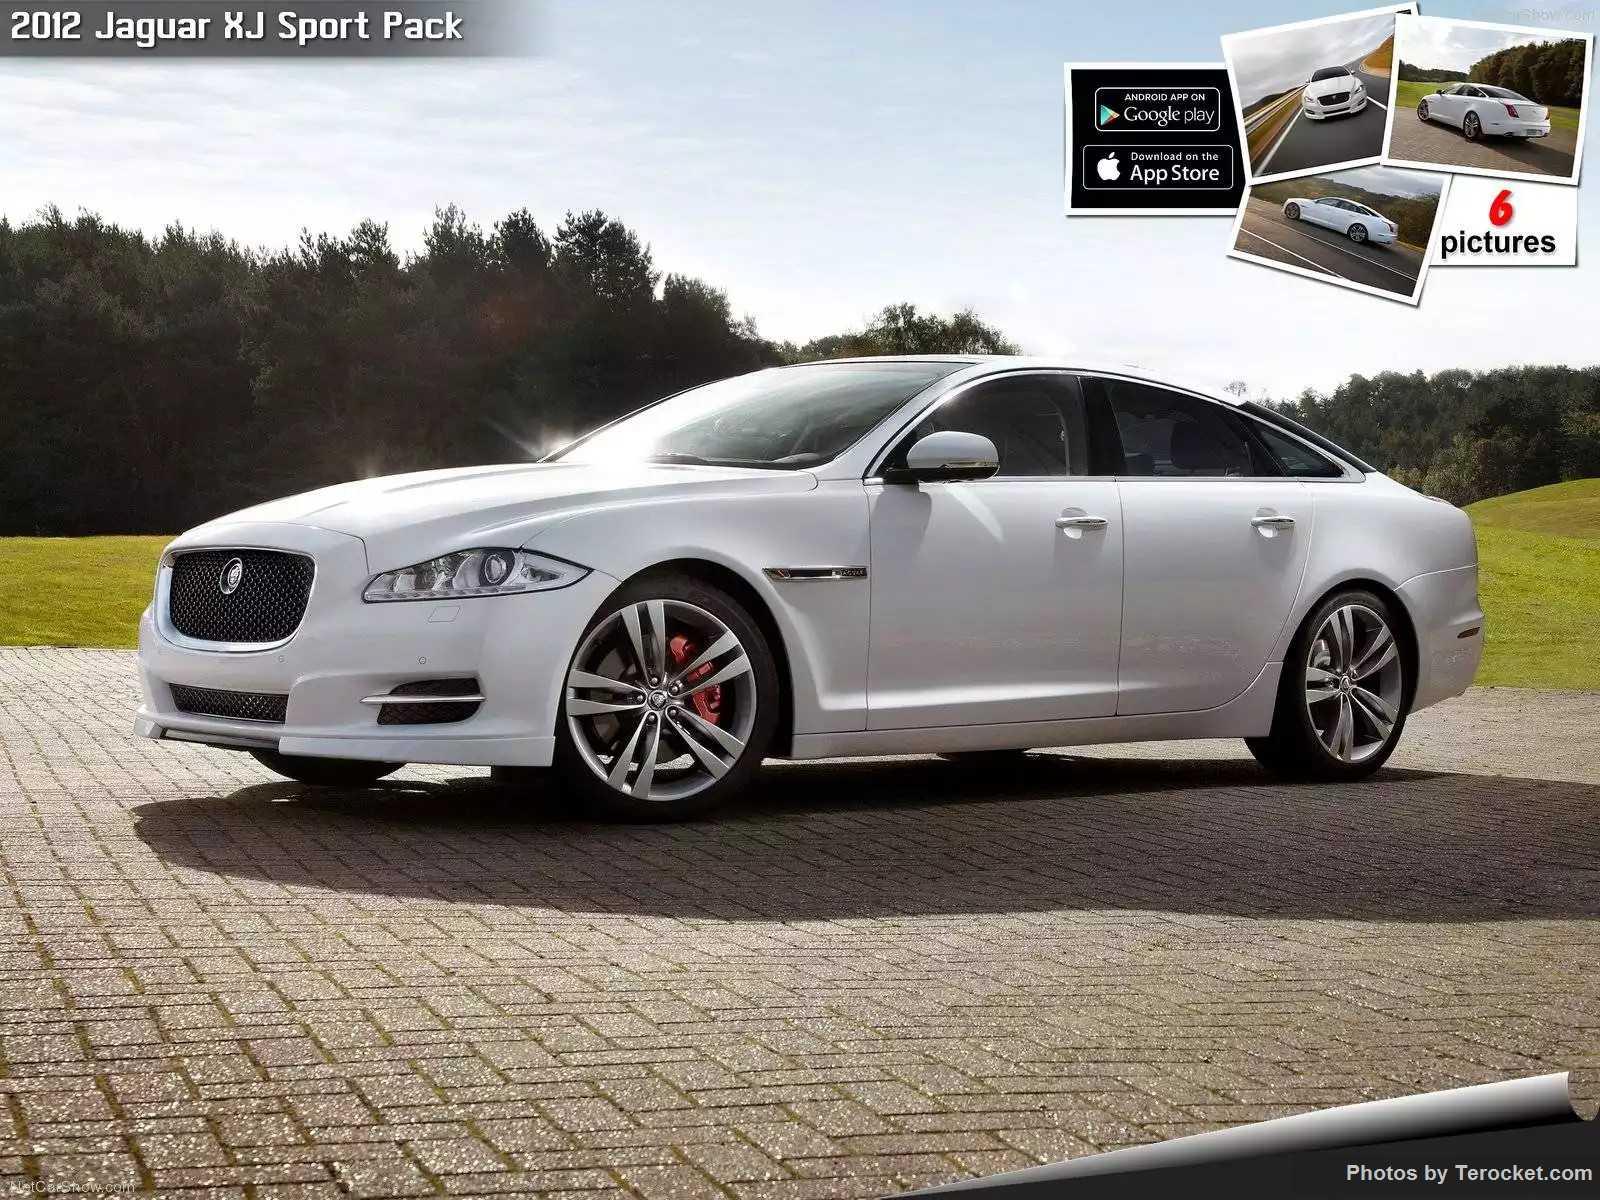 Hình ảnh xe ô tô Jaguar XJ Sport Pack 2012 & nội ngoại thất